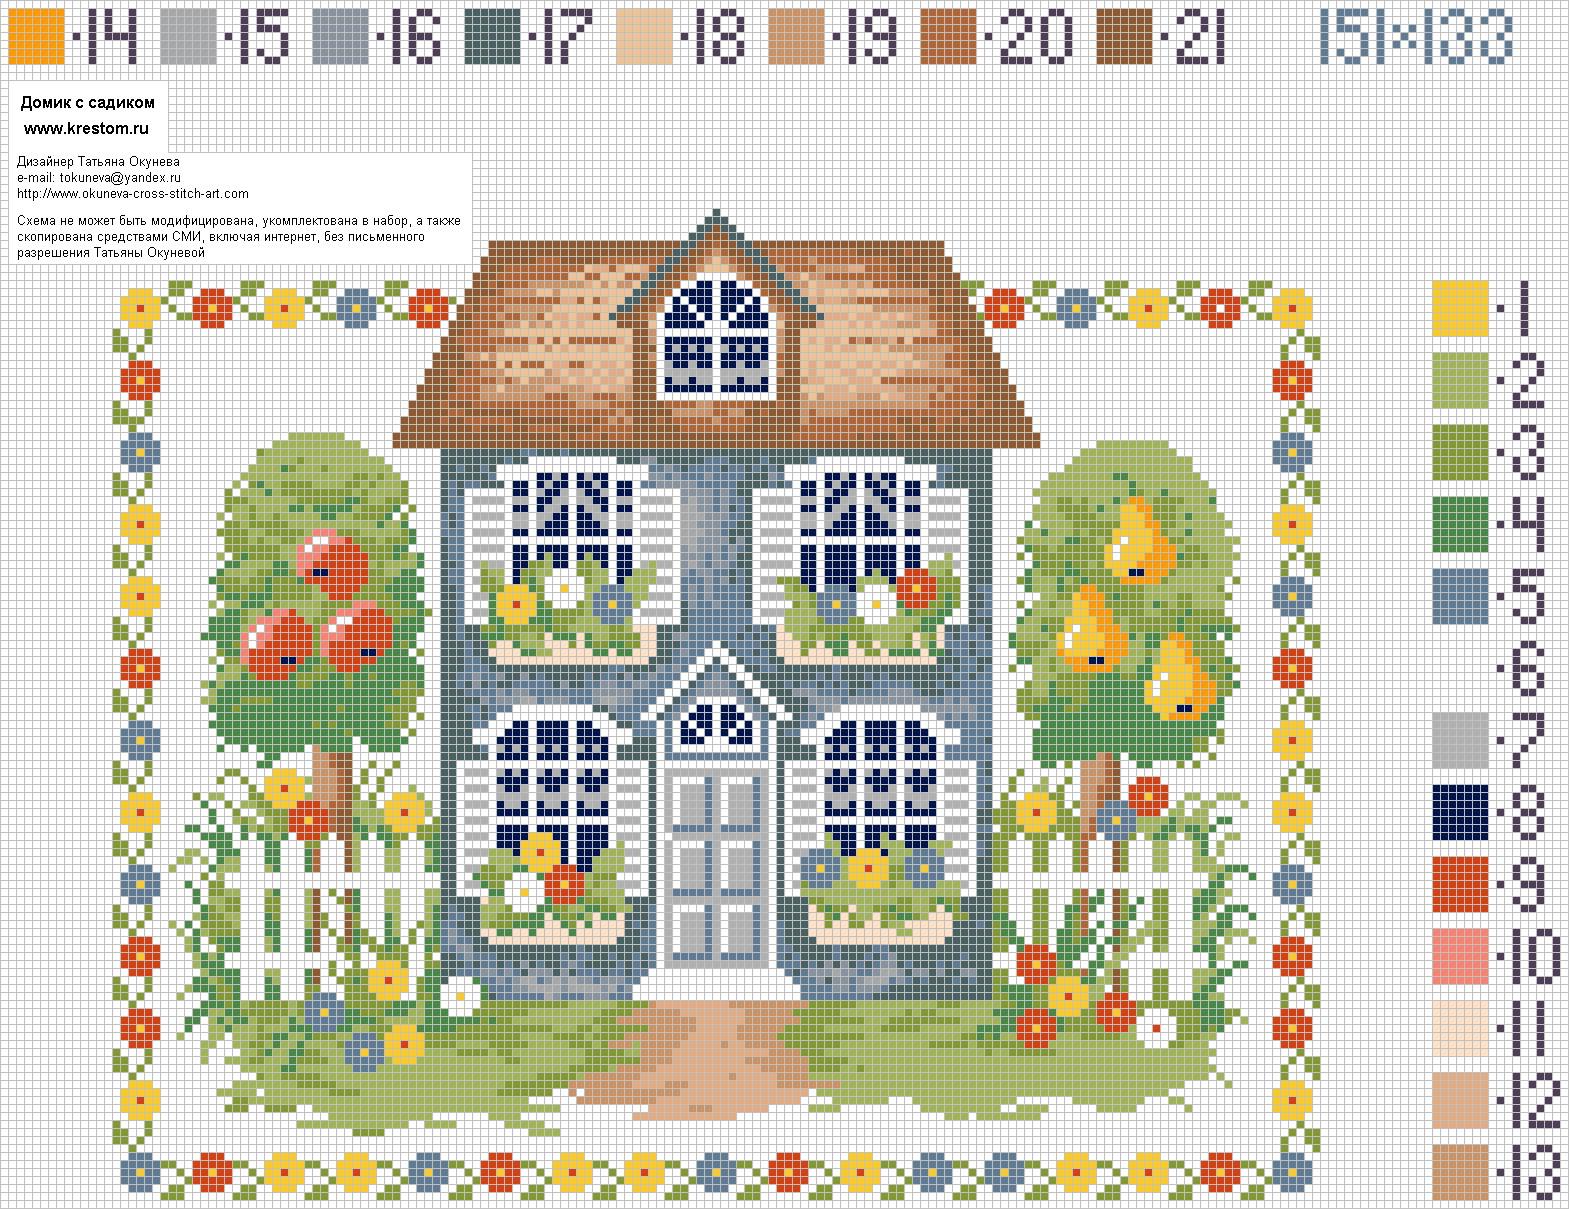 Вышивка крестом схемы домов